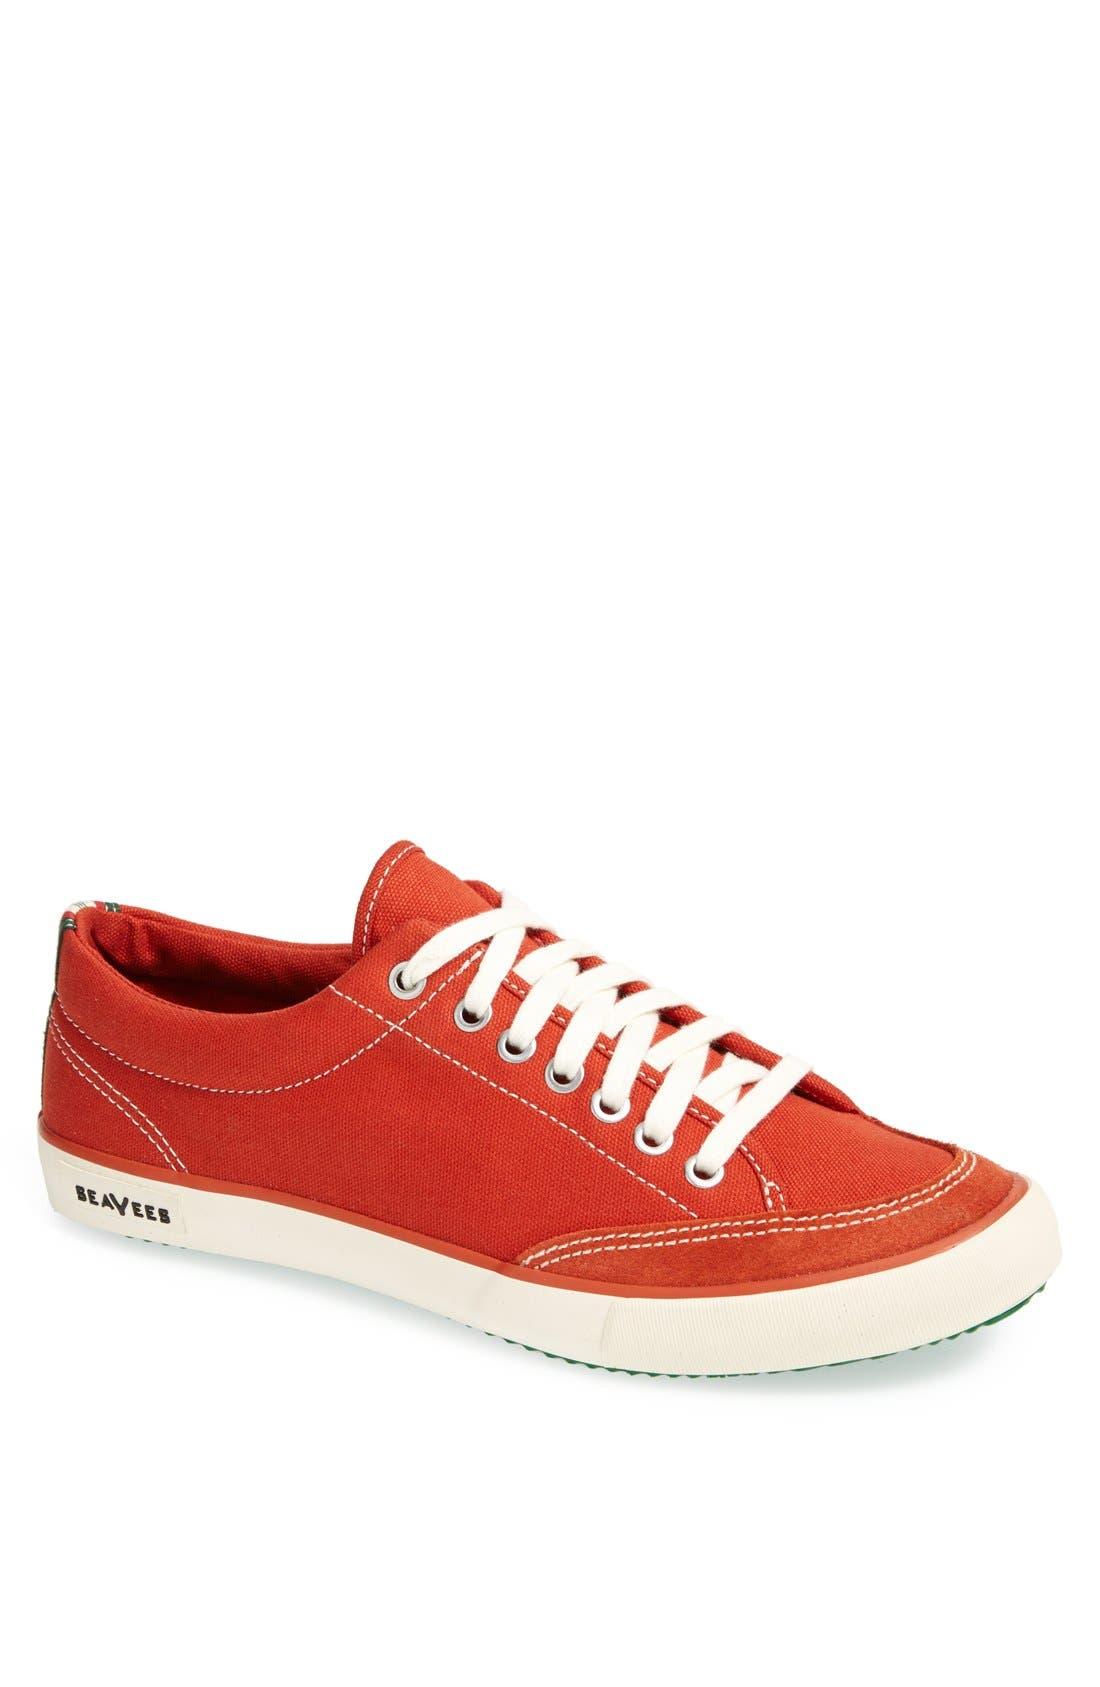 Alternate Image 1 Selected - SeaVees '05/65 - Westwood' Tennis Shoe (Men)